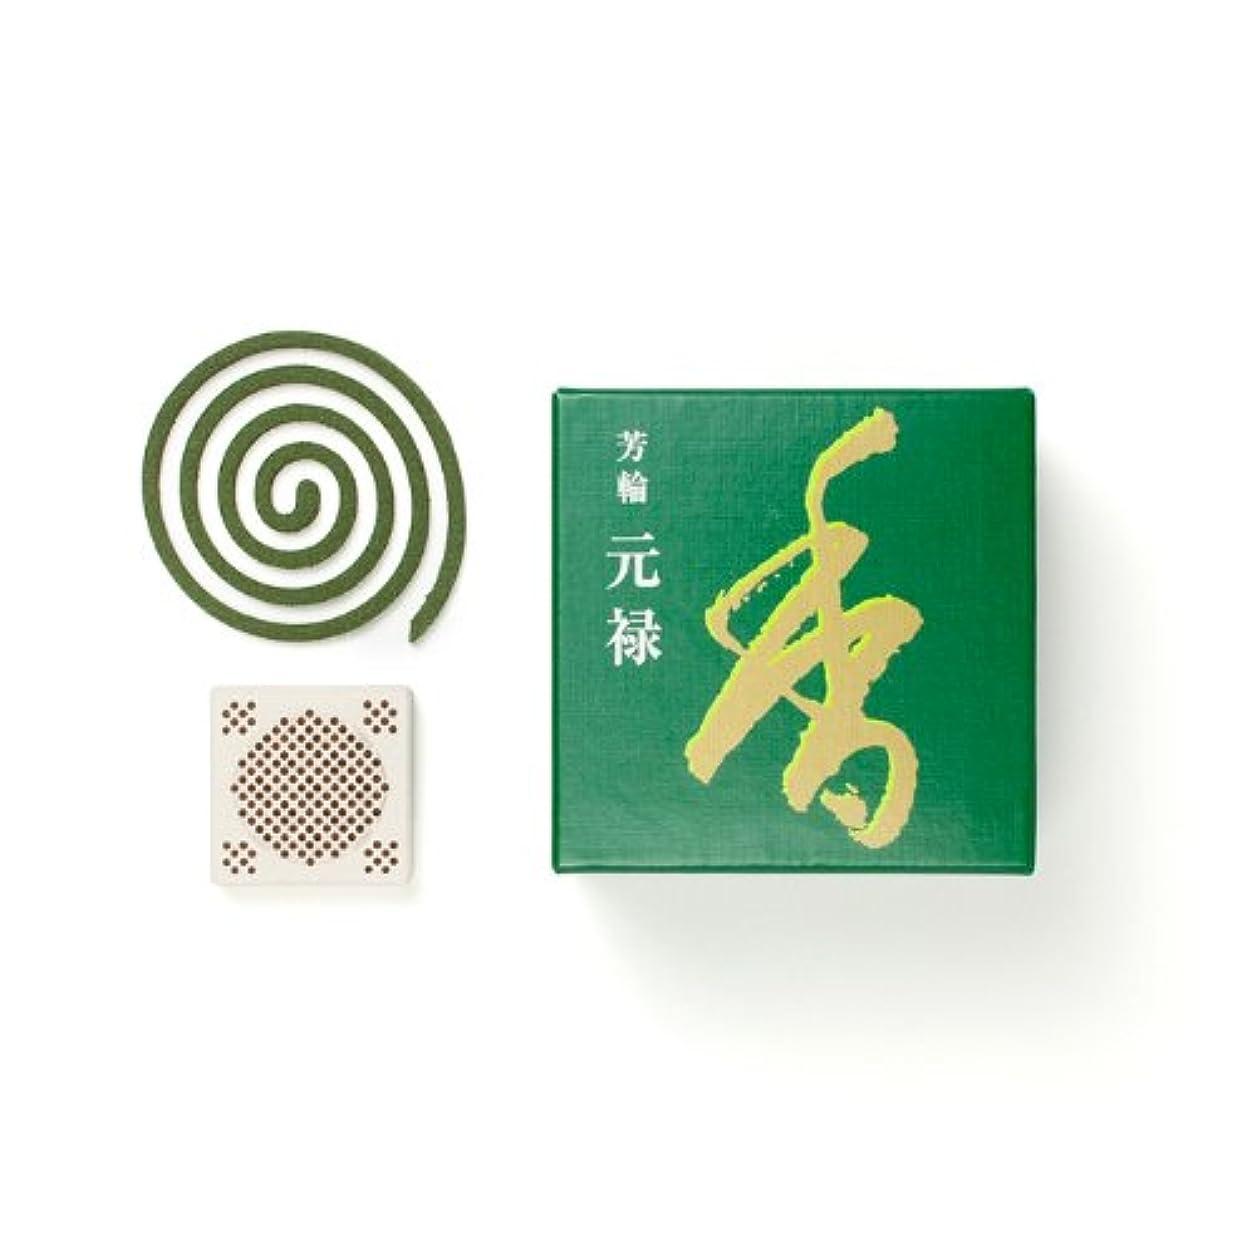 はしご拒否哲学松栄堂のお香 芳輪元禄 渦巻型10枚入 うてな角型付 #210321